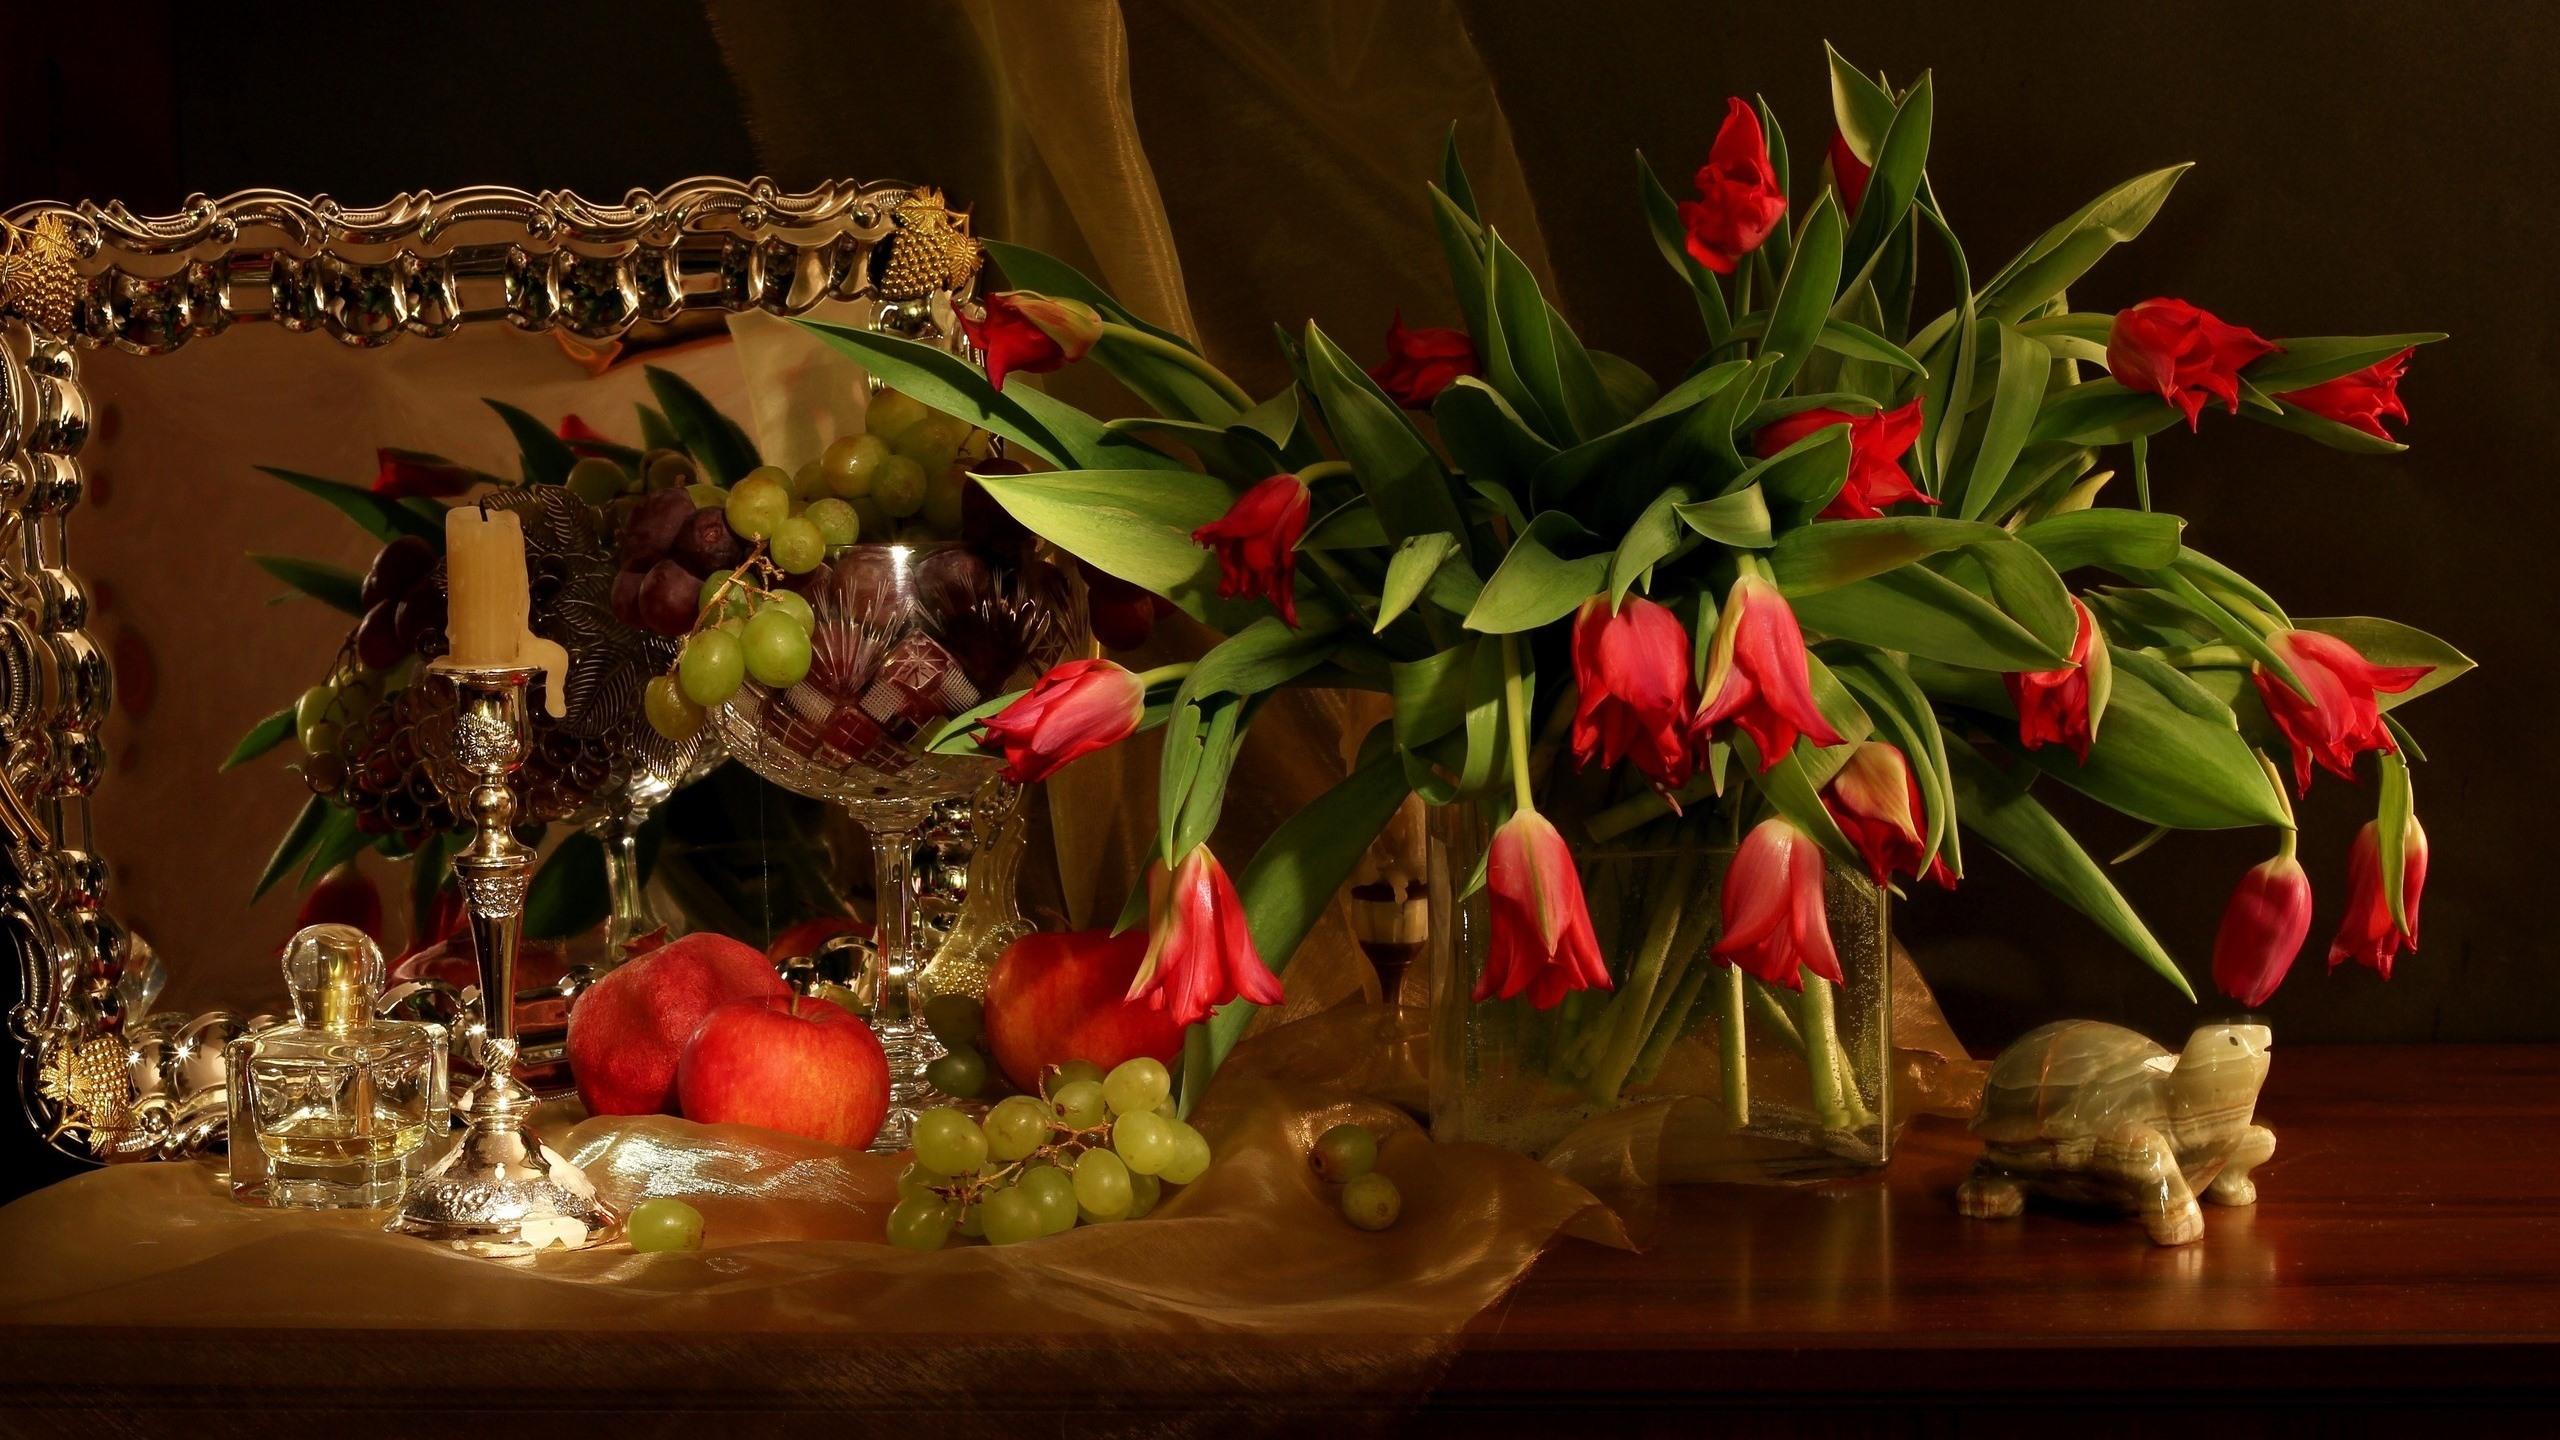 Fonds Décran Tulipes Rouges Pomme Raisins Fruits Nature